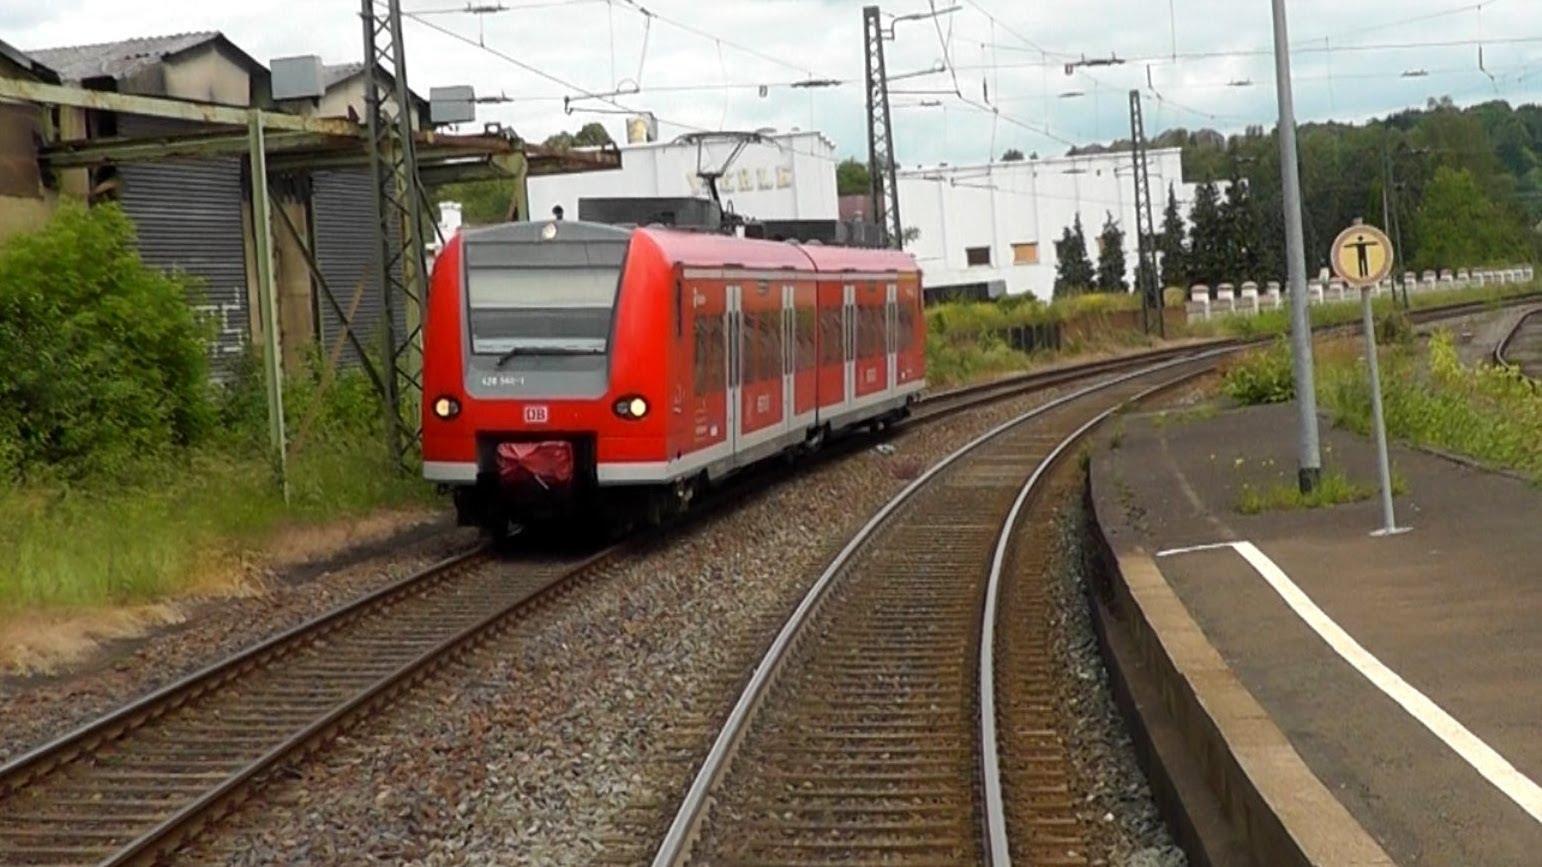 DB Bahn – Führerstand Mitfahrt – Nr. 24 Teil 1 / 3 – Von Saarbrücken Hbf nach Mainz Hbf